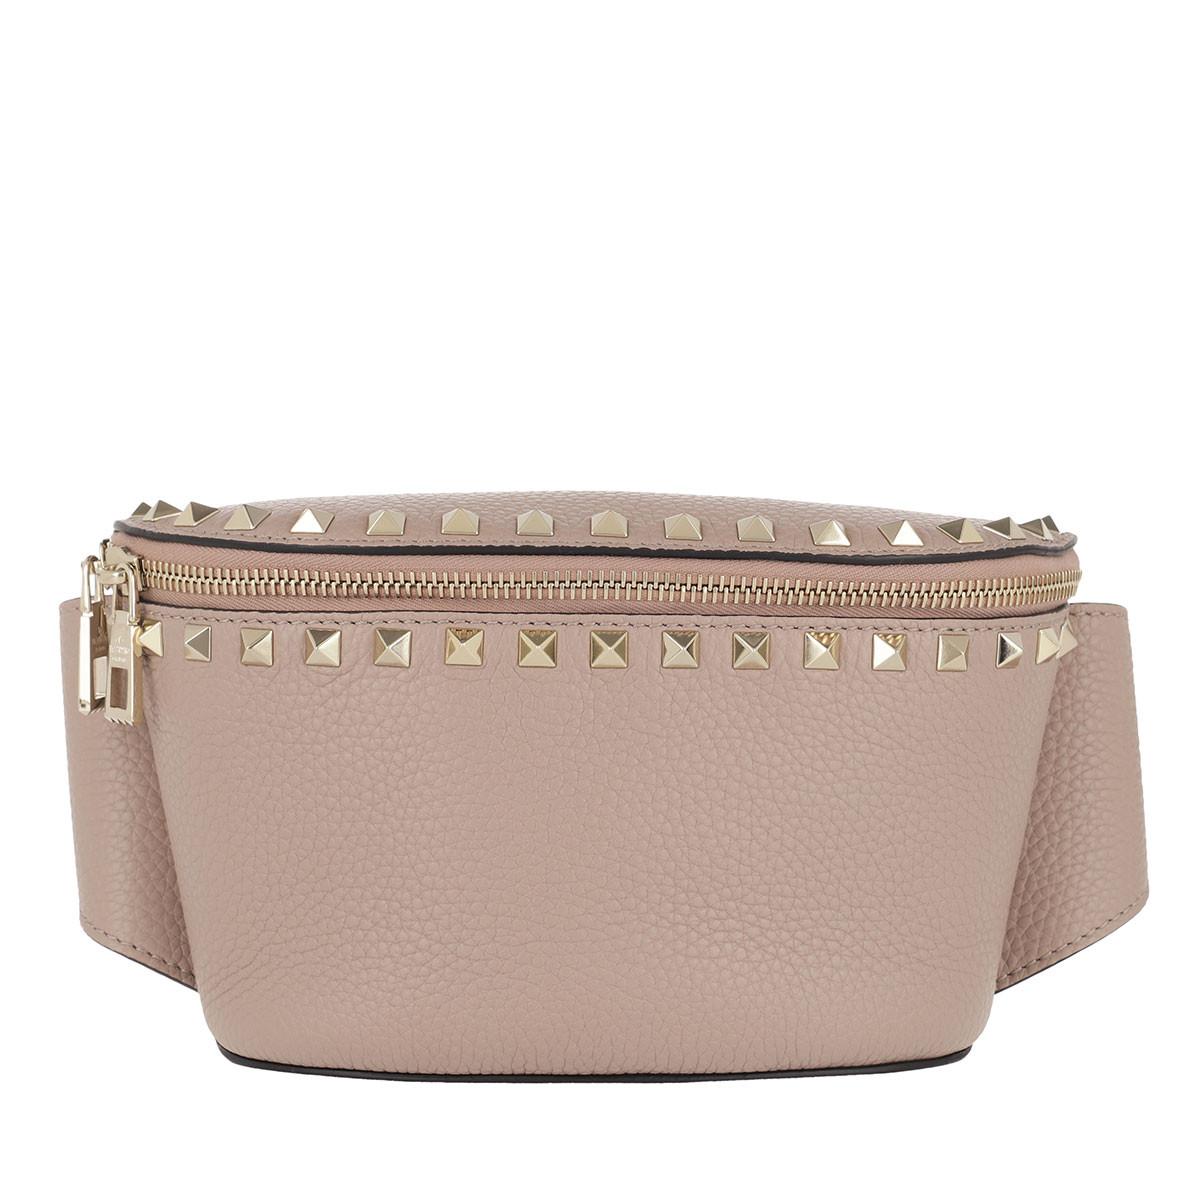 Valentino Gürteltasche - Rockstud Belt Bag Calf Leather Poudre - in beige - für Damen